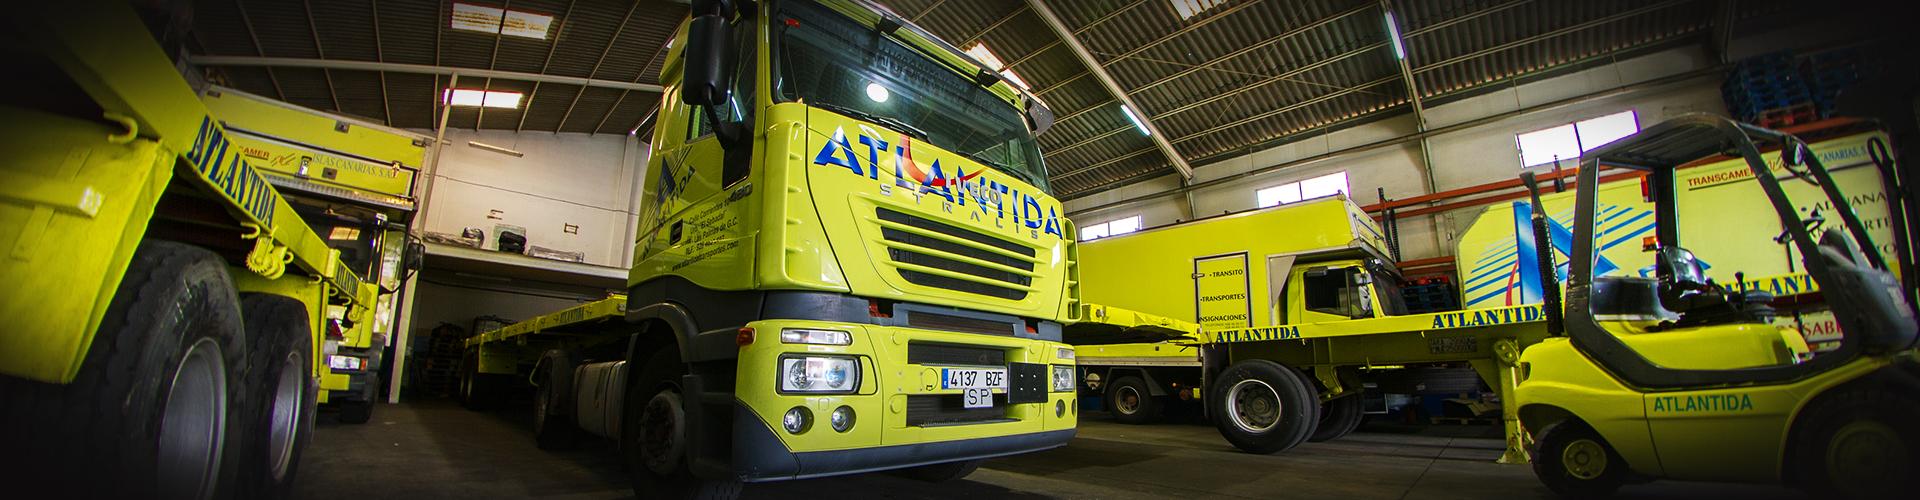 Amplia flota de vehículos en Canarias